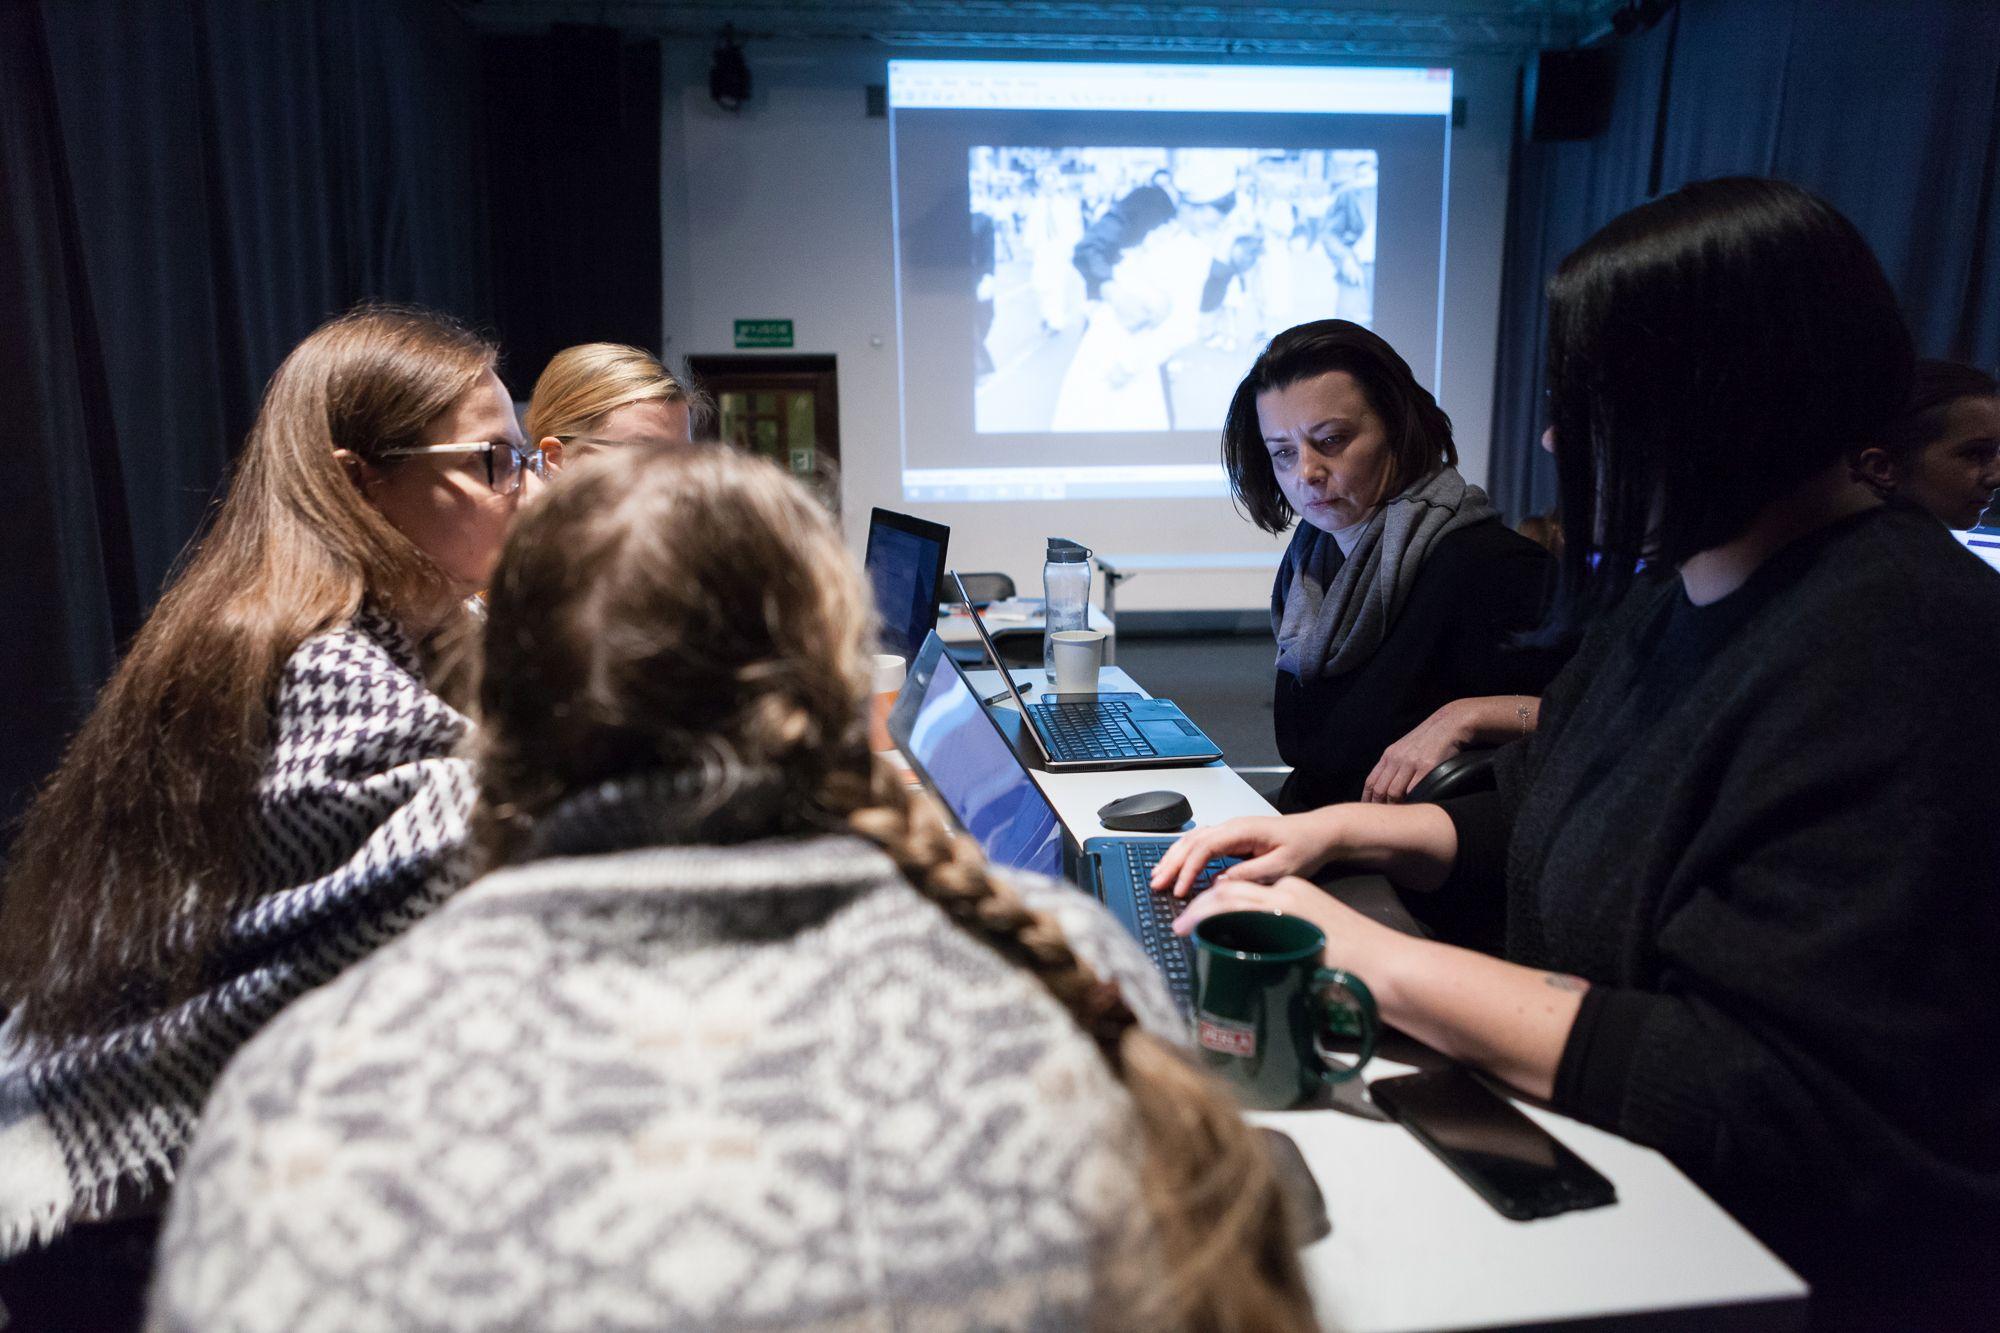 Inkubator Kultury | Audiodeskrypcja  [Szkolenie z audiodeskrypcji. Na zdjęciu uczestnicy  pracują na komputerach.  W tle wyświetlony jest slajd]